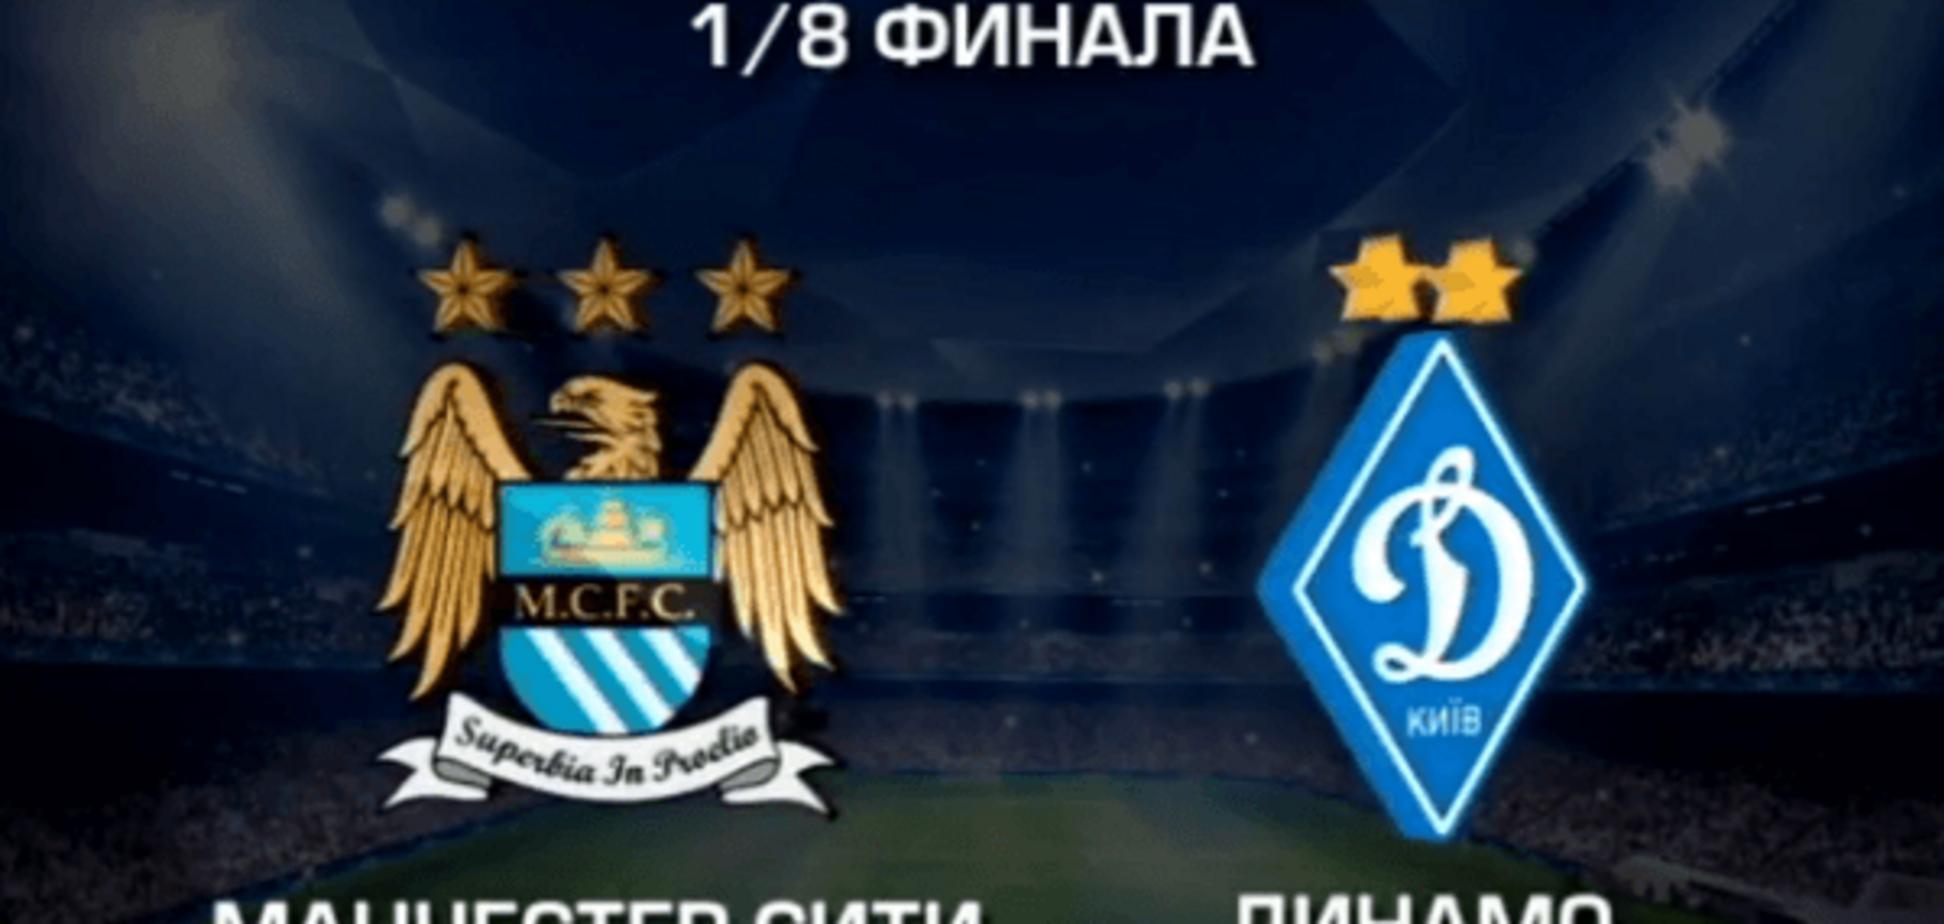 Манчестер Сити - Динамо: прогноз букмекеров на ответный матч 1/8 финала Лиги чемпионов